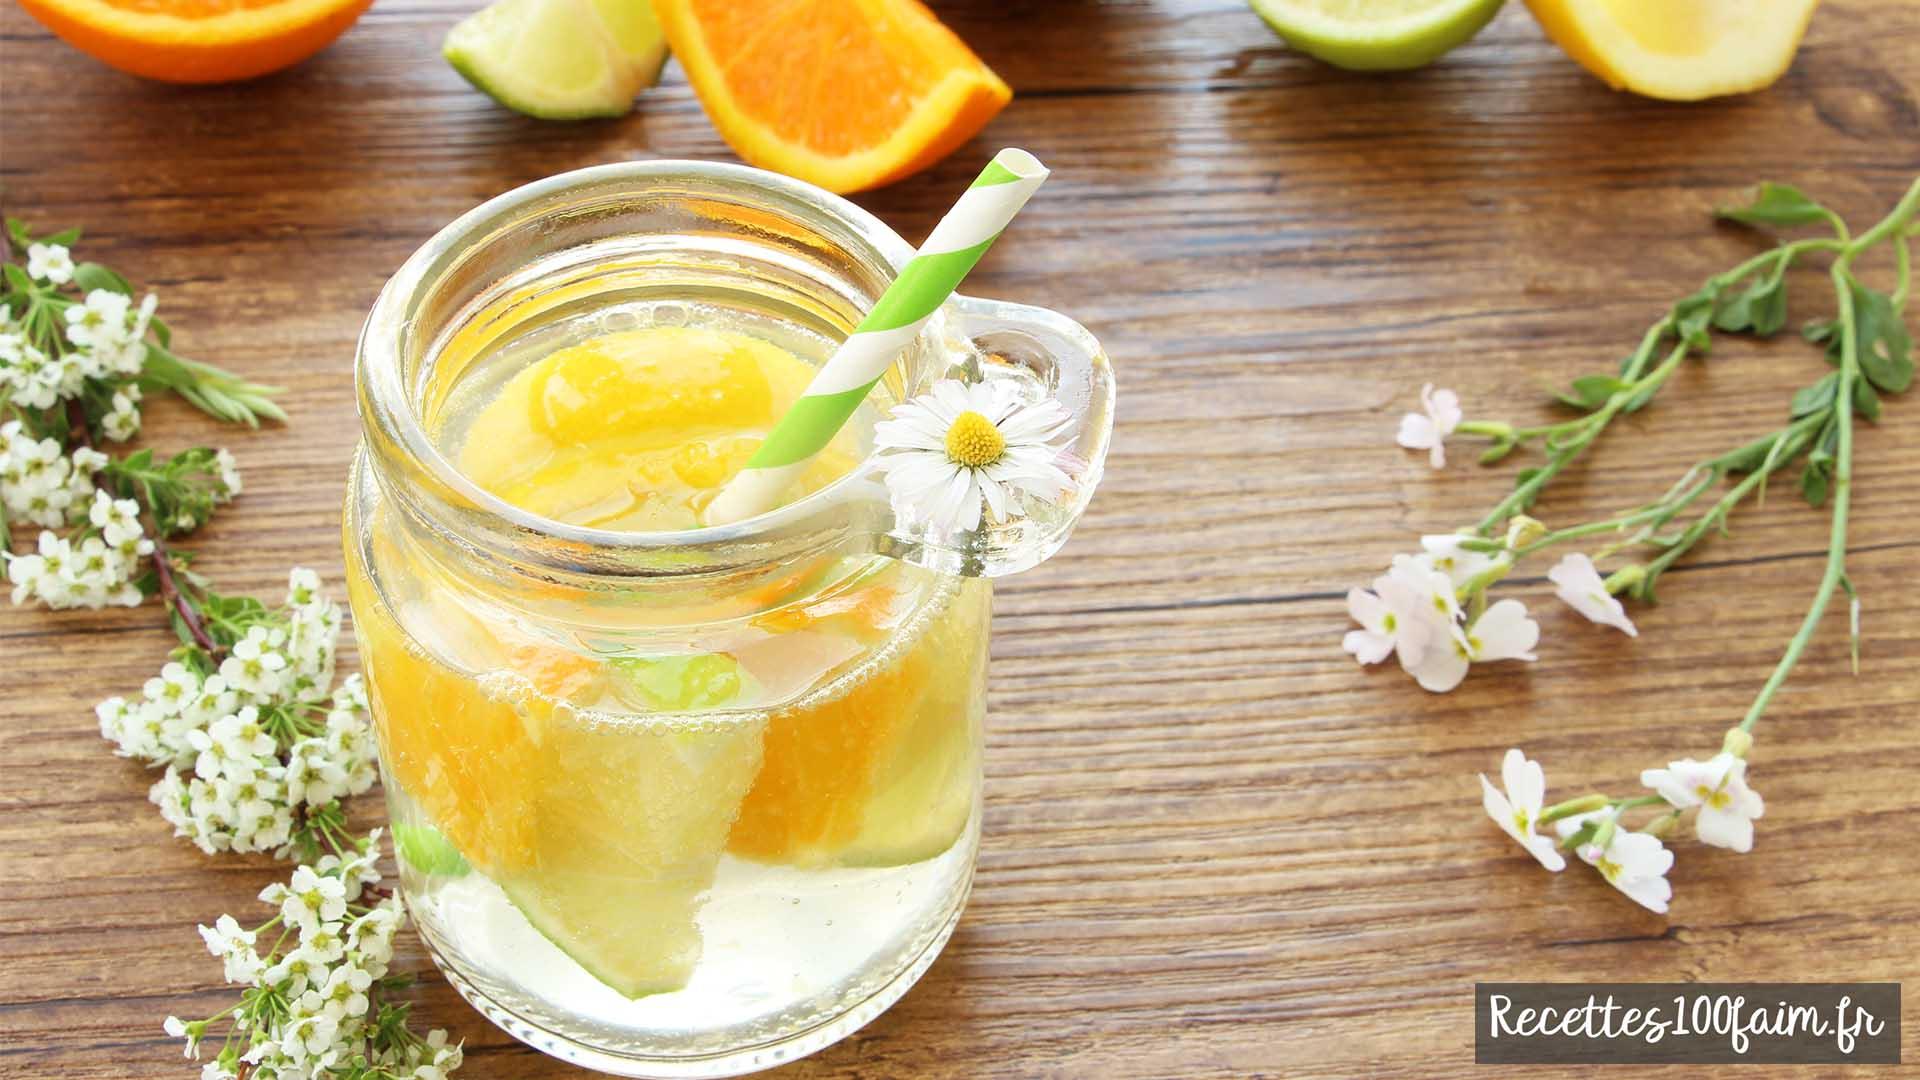 Comment réaliser une eau rafraichissante (detox) avec des fruits et des herbes fraiches